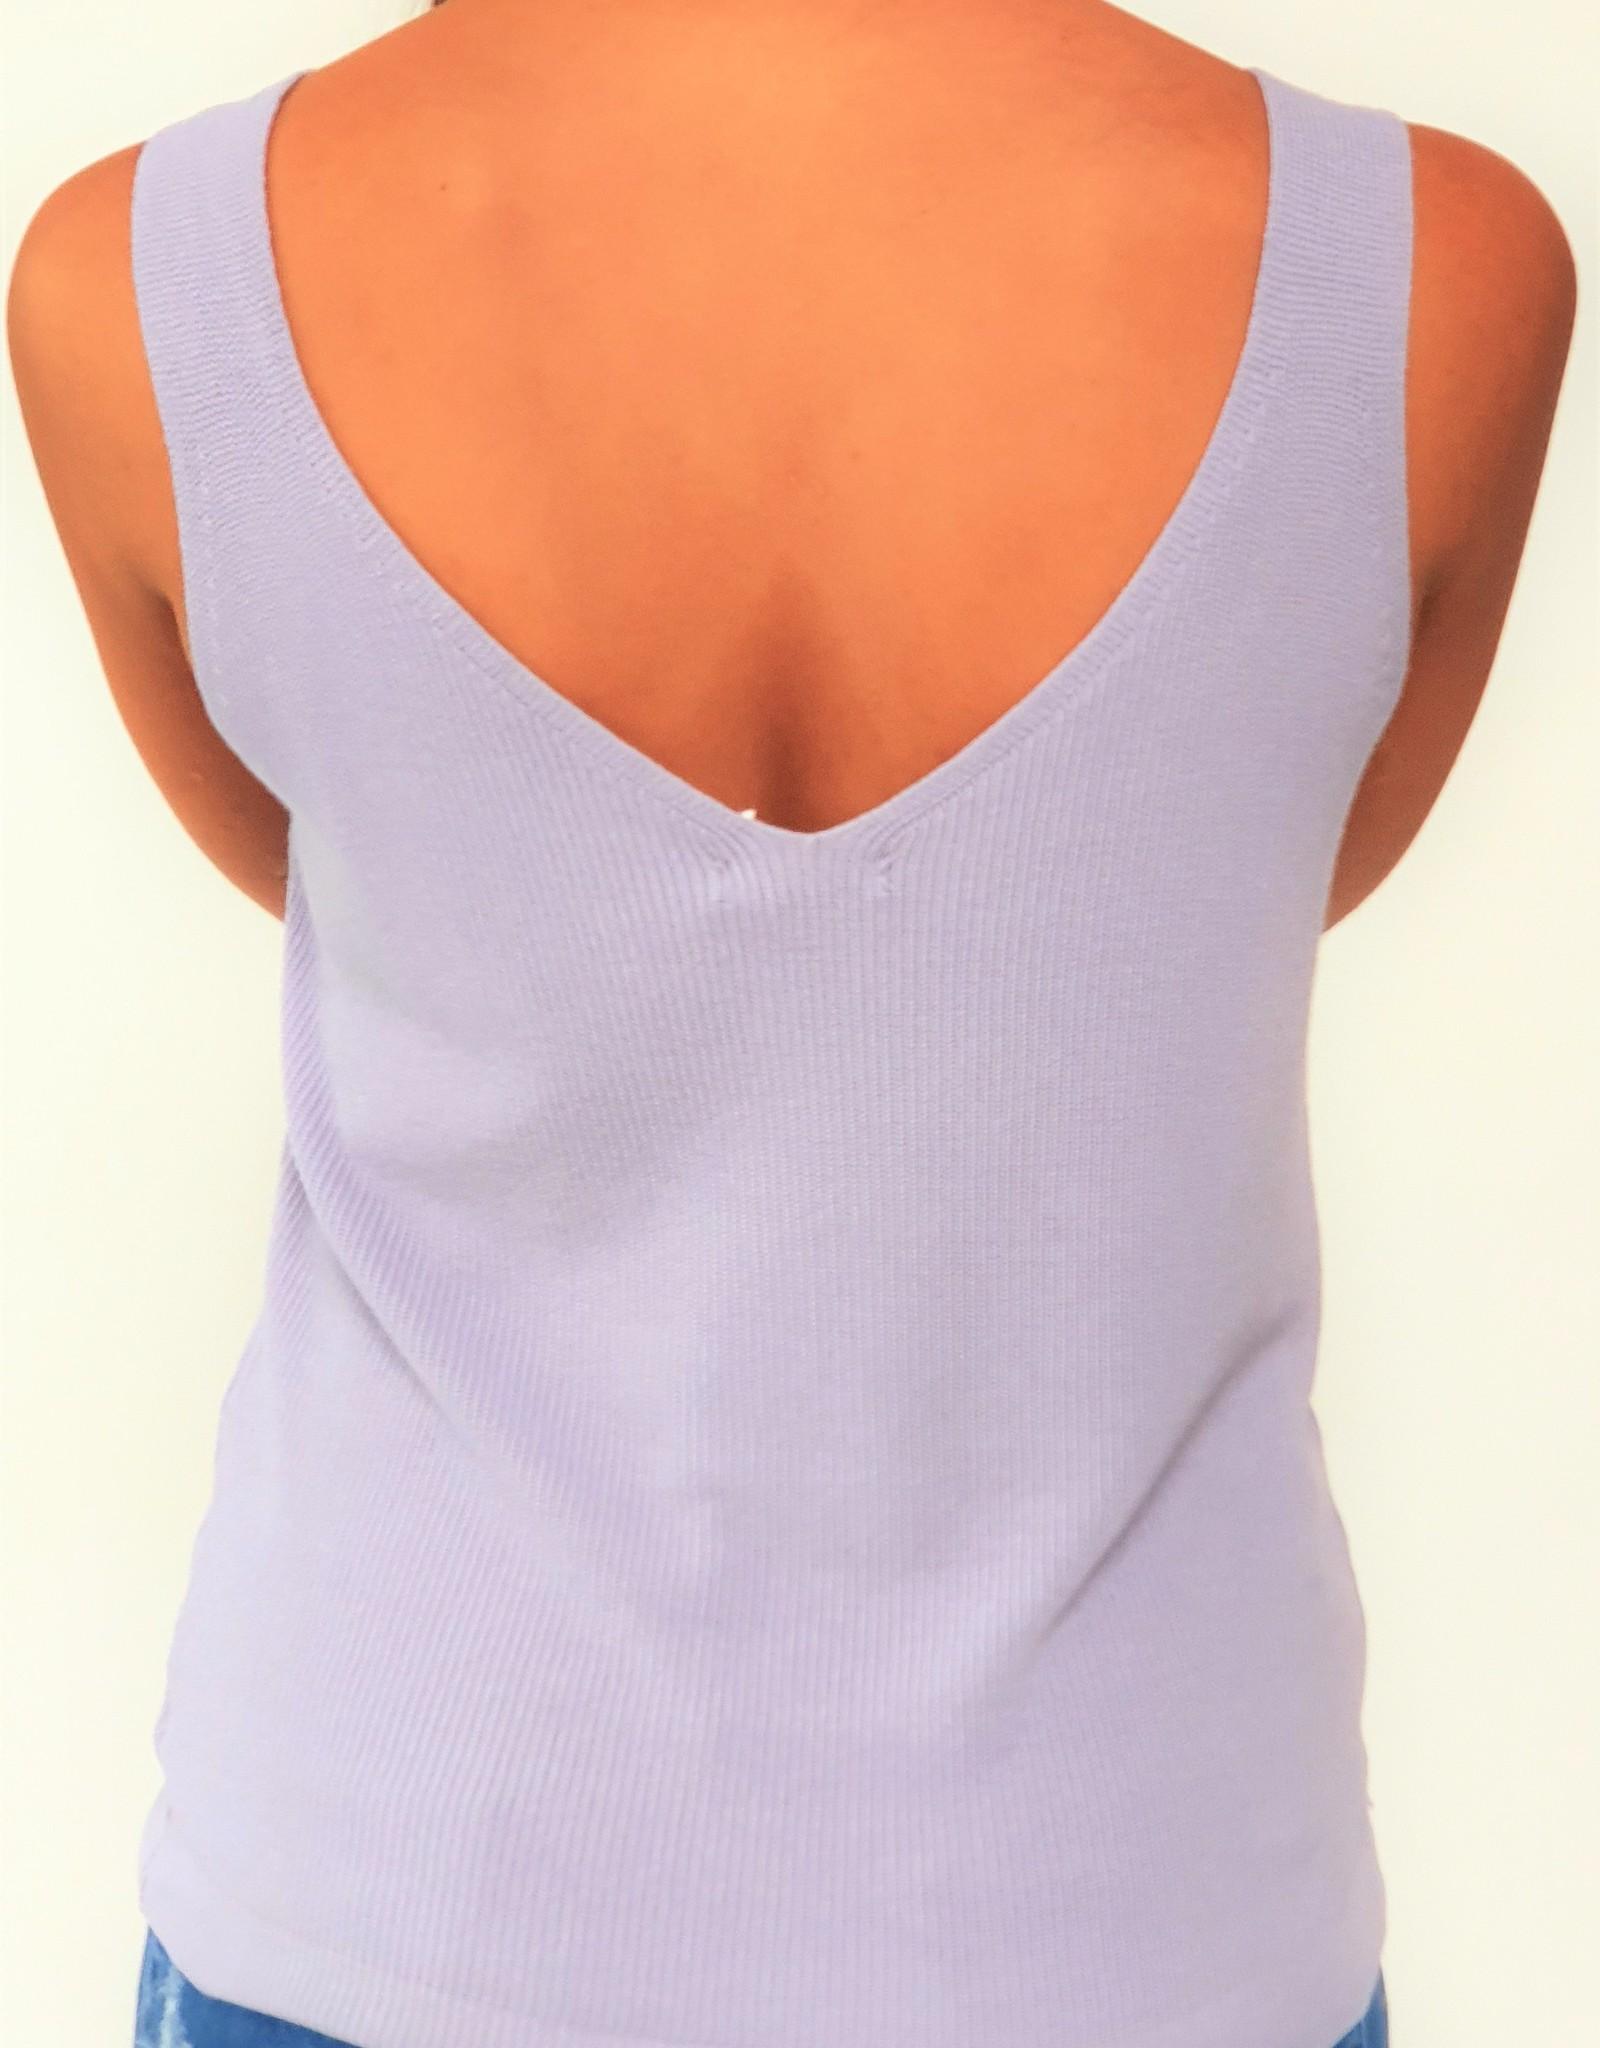 Comfy lilac top